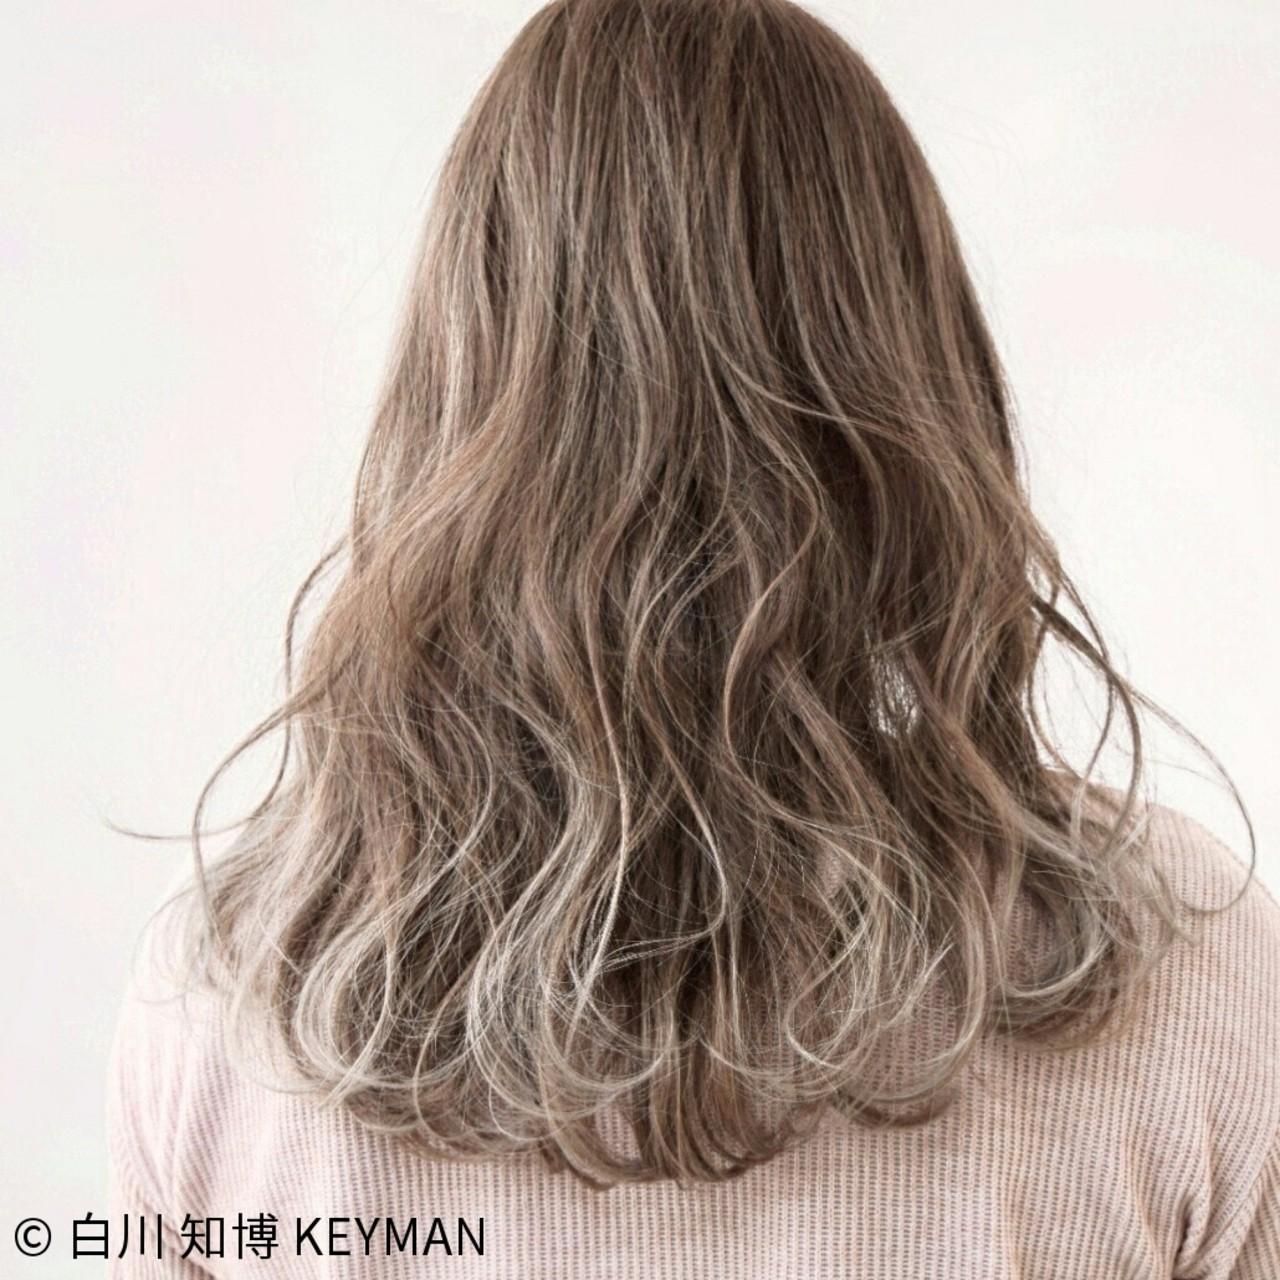 ミルクティー 外国人風 セミロング ニュアンス ヘアスタイルや髪型の写真・画像